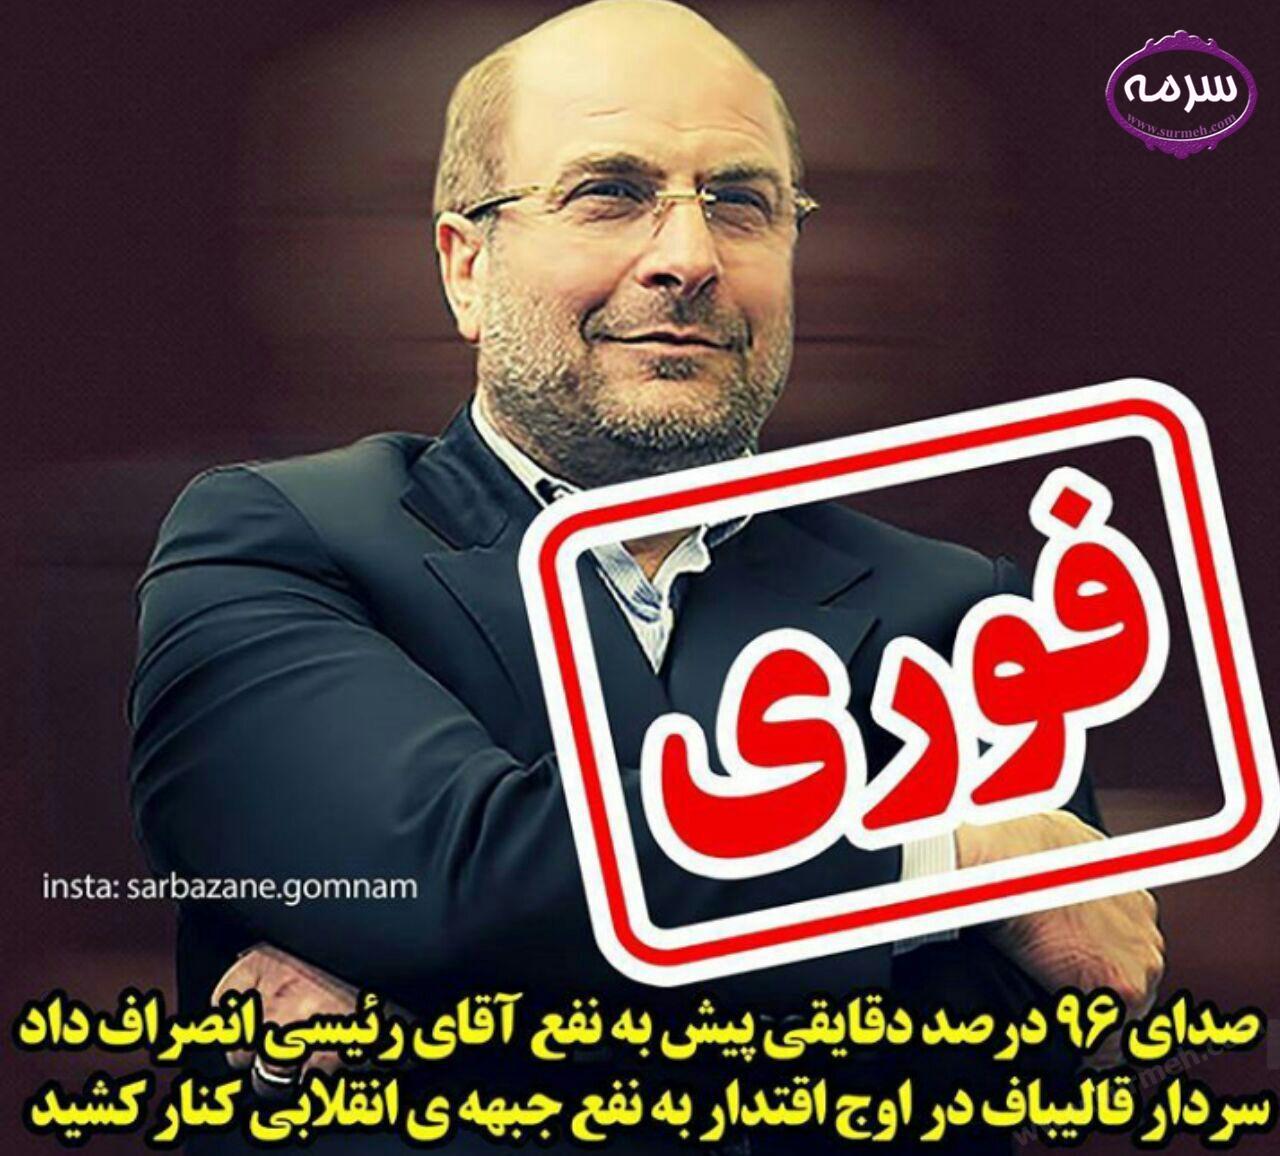 محمدباقر قالیباف به نفع ابراهیم رئیسی کنار رفت